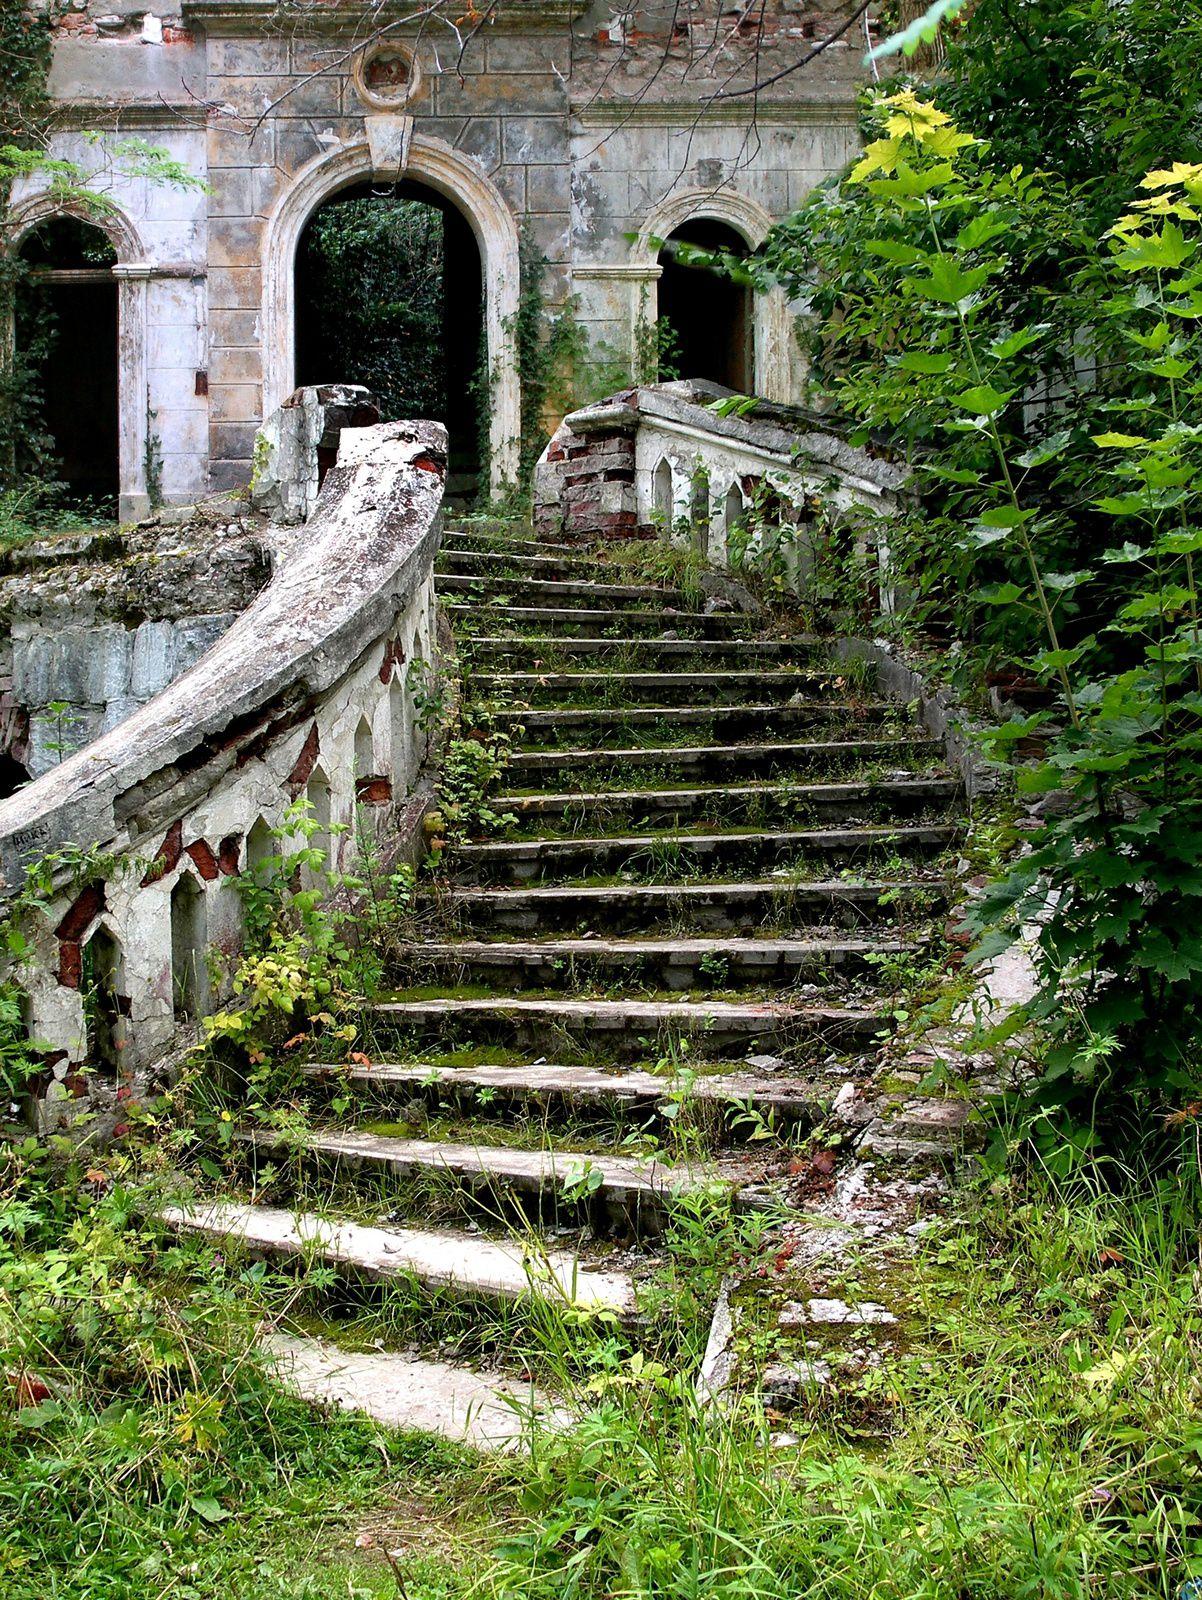 Arrières-plan (fonds d'écran) style fantastique - (Nature, forêt, monuments, mers...)